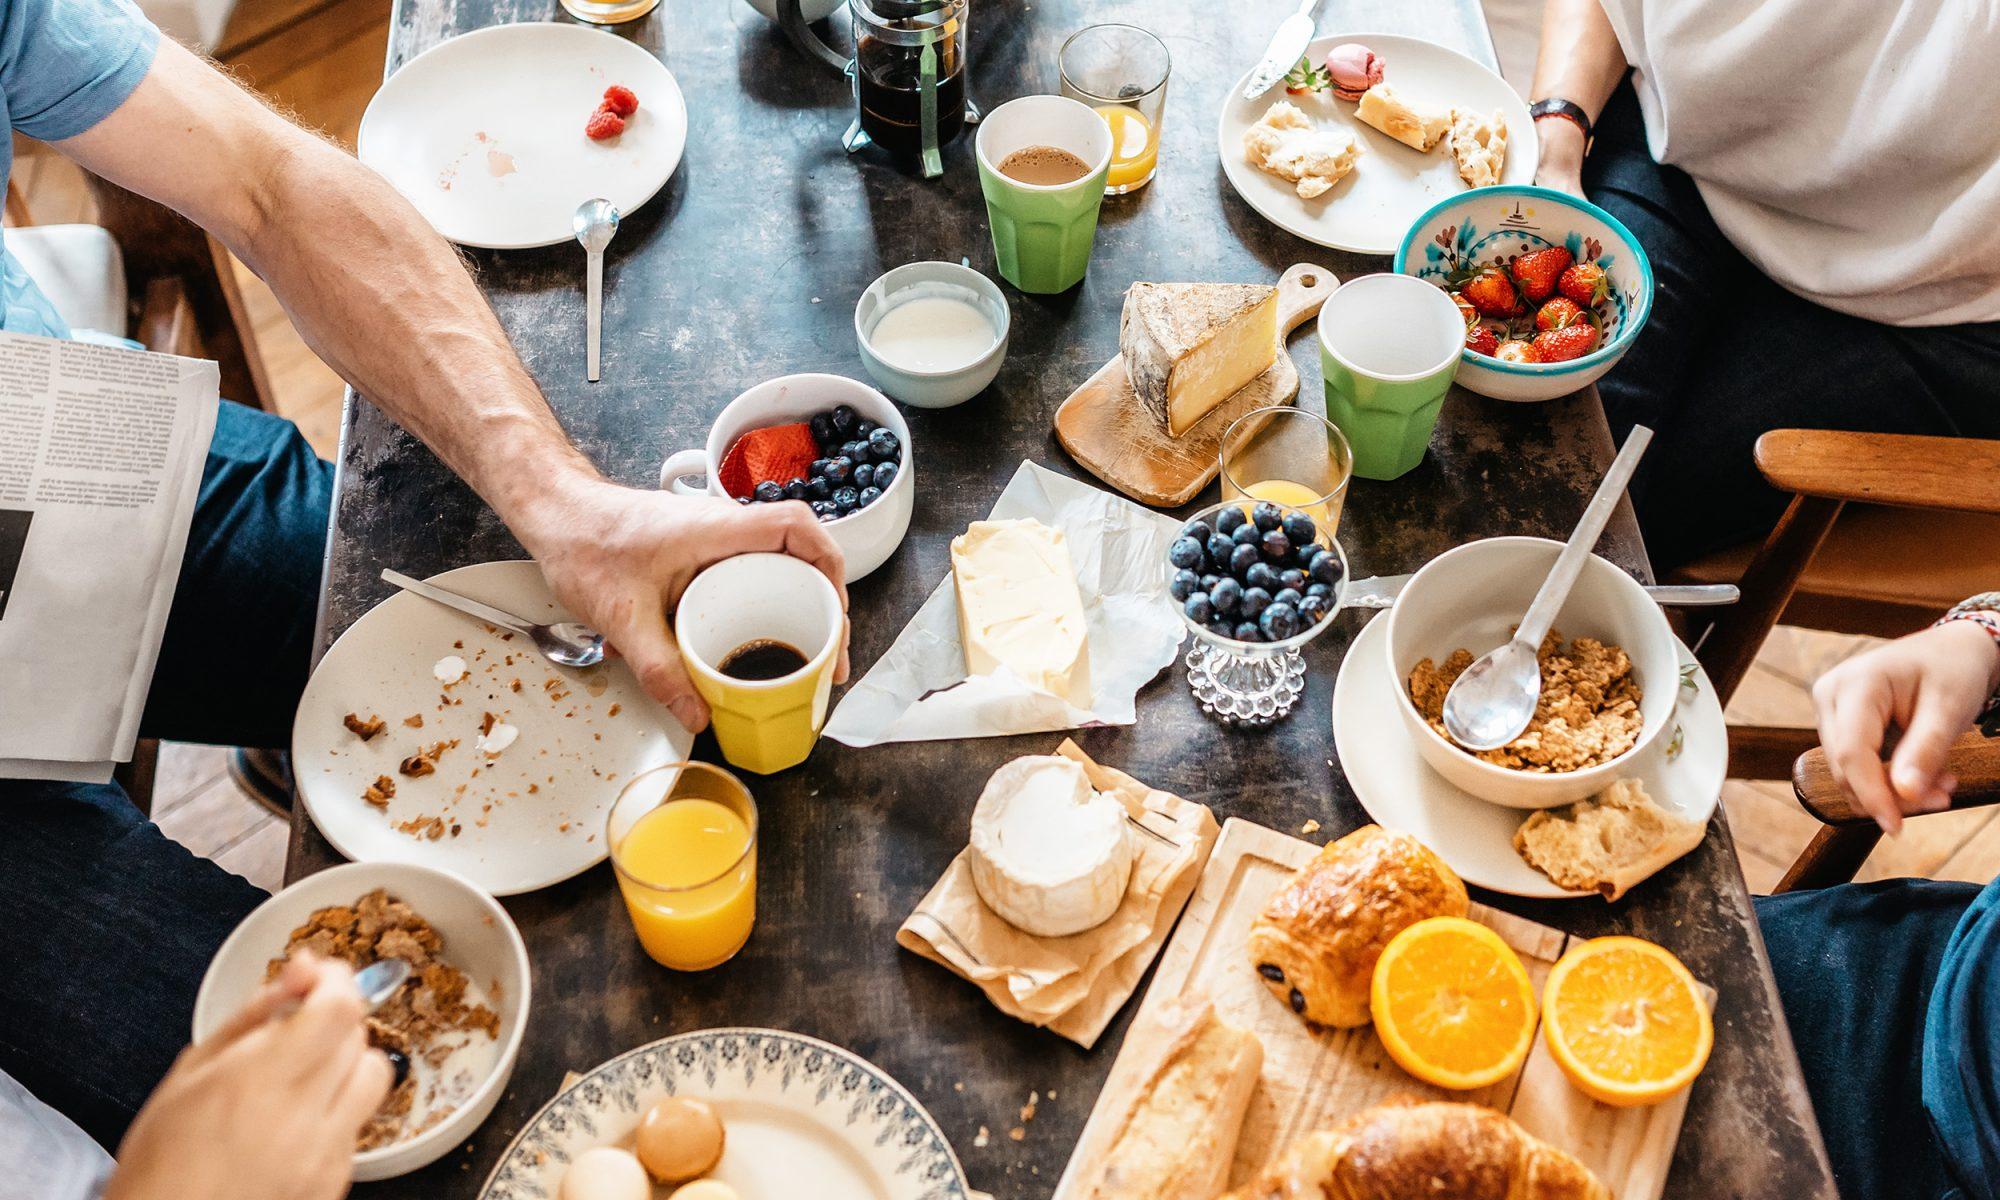 EC: 13 Brunch Recipes to Make for Easter